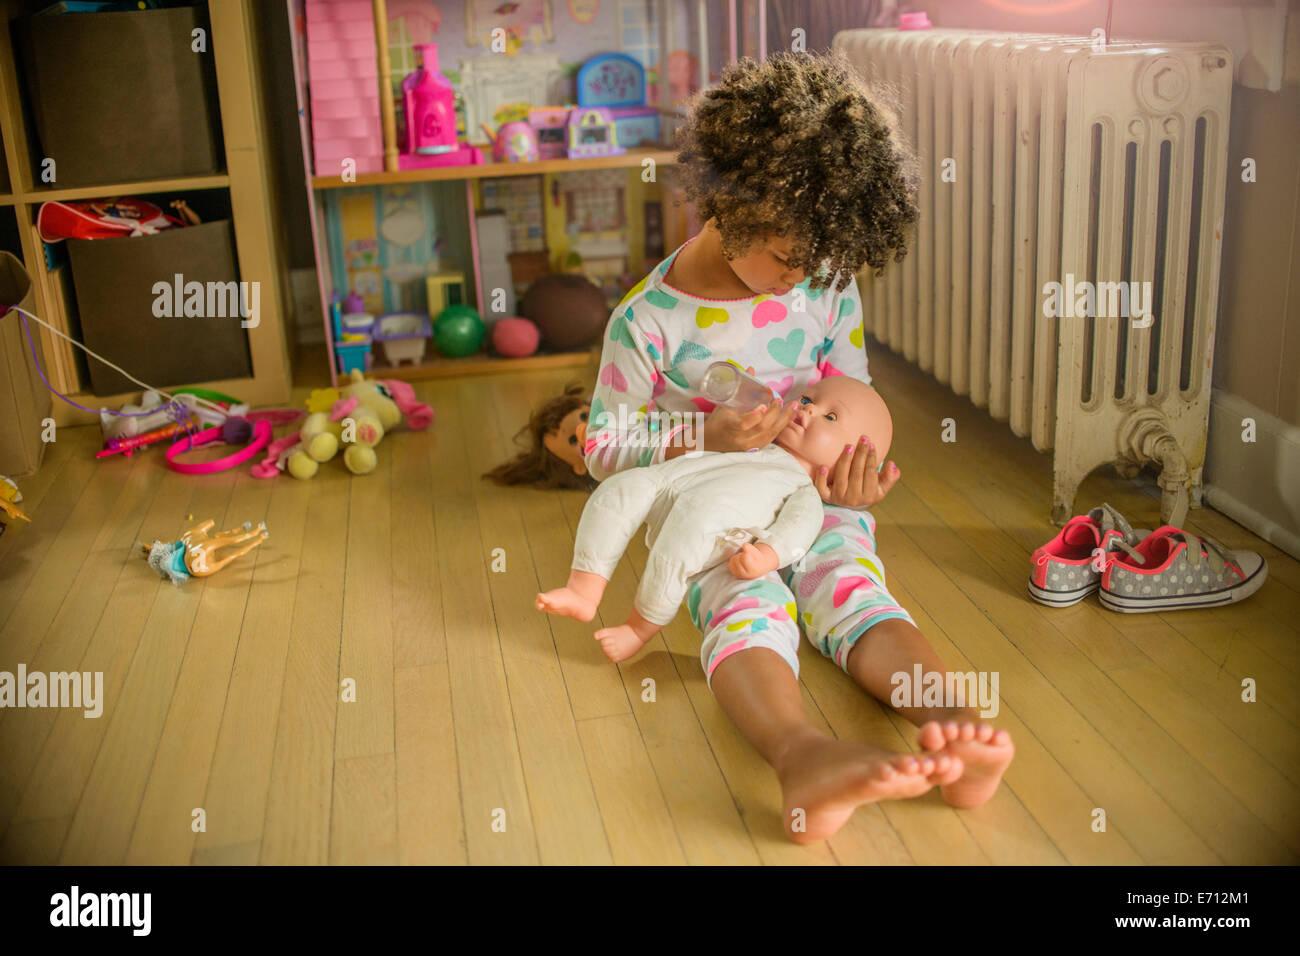 Ragazza seduta sul pavimento sala giochi di bambola di alimentazione Foto Stock